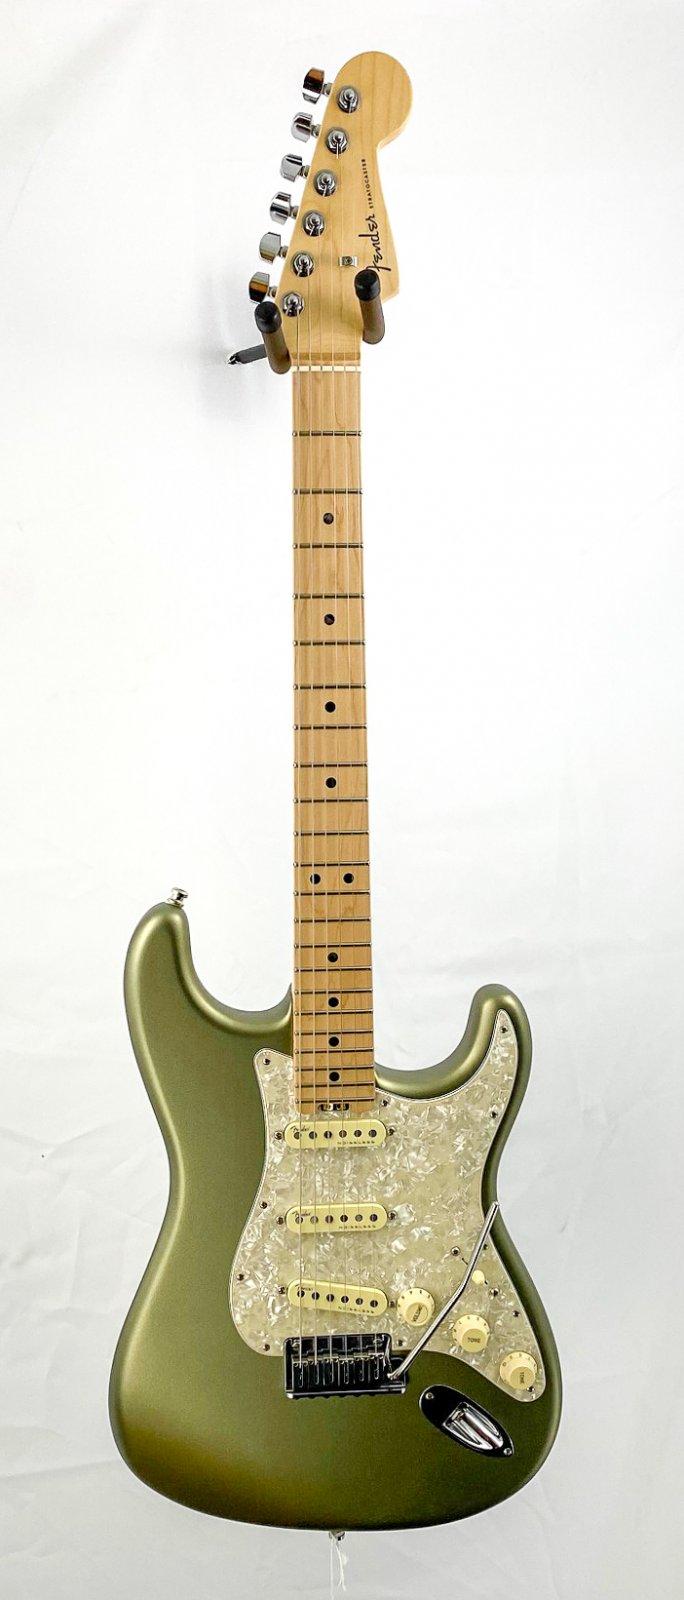 2018 Fender American Elite Stratocaster